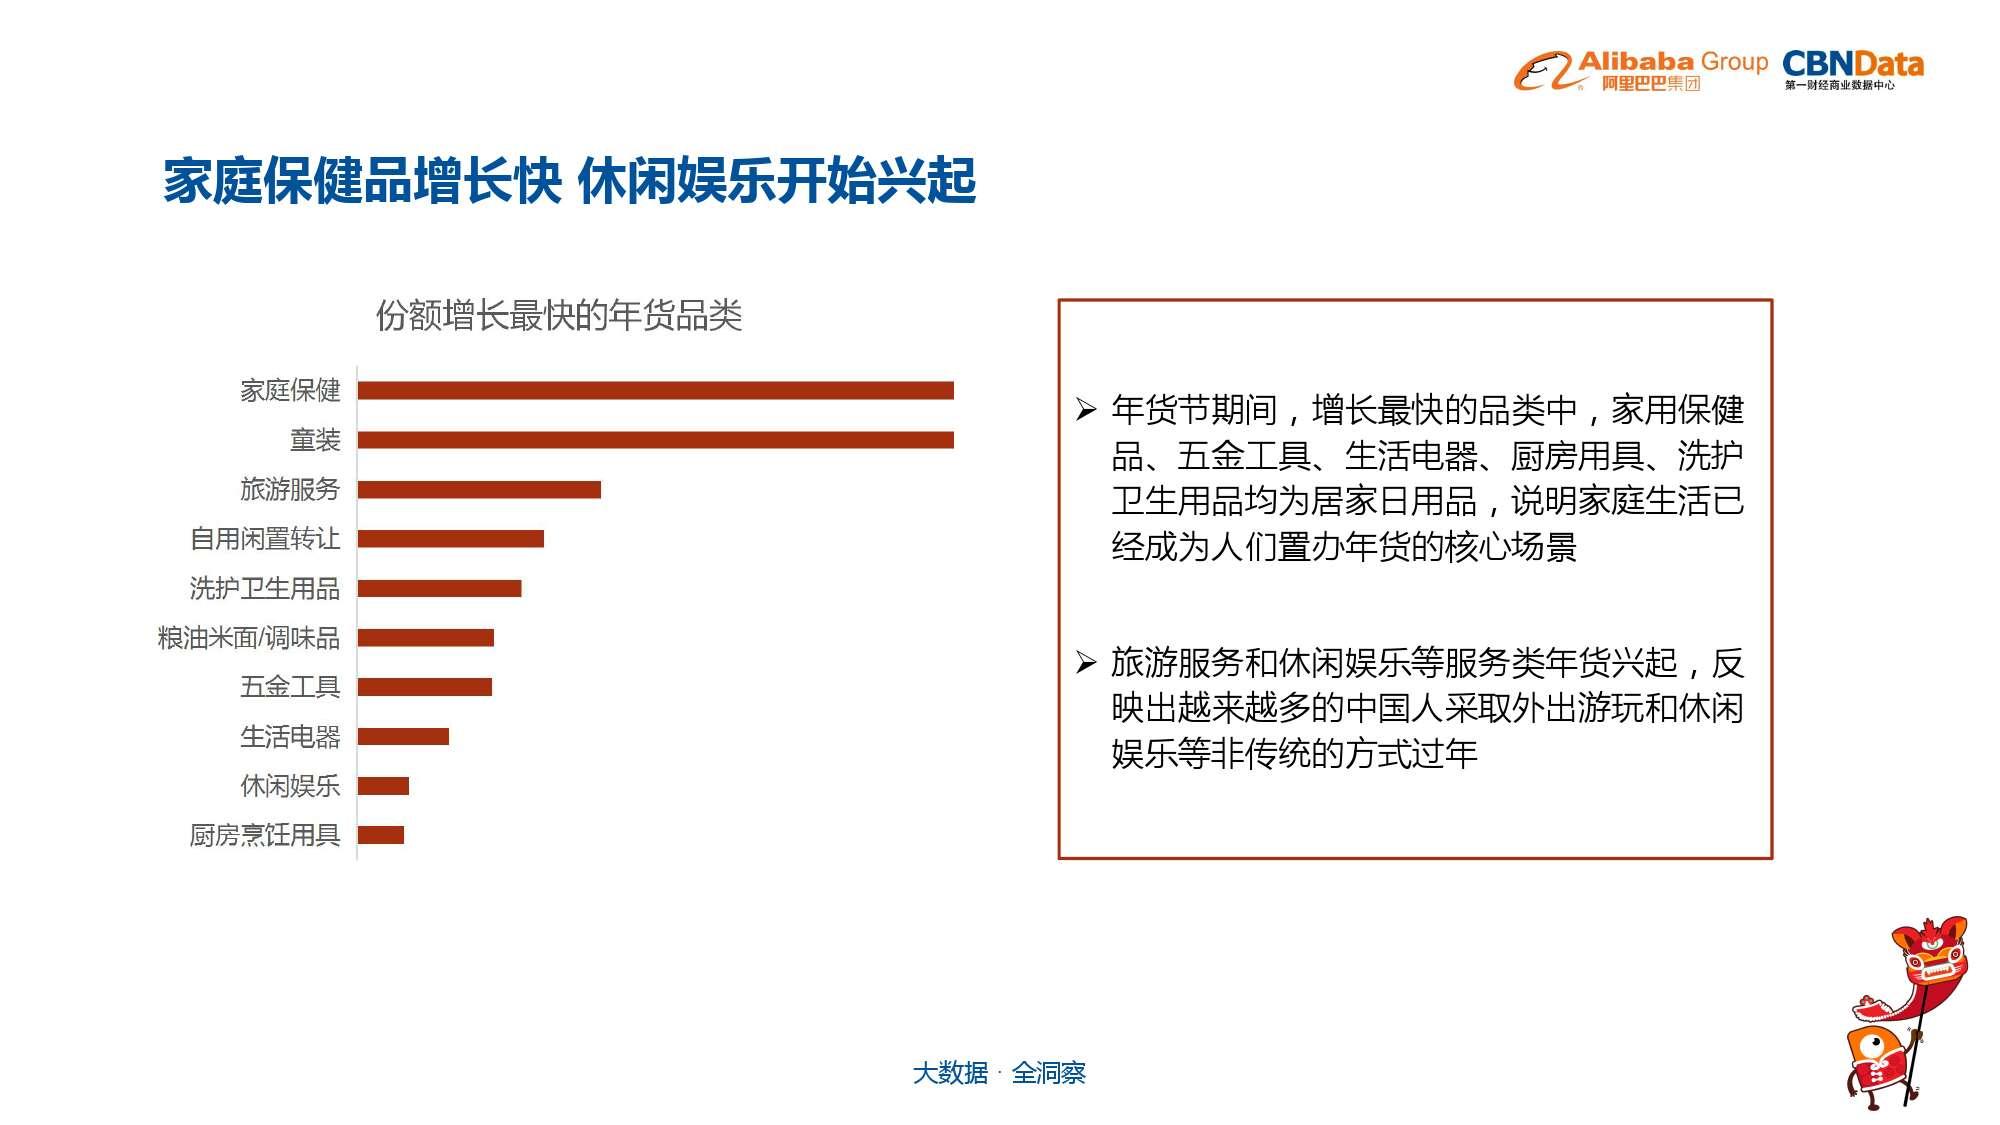 中国年货大数据报告_000007